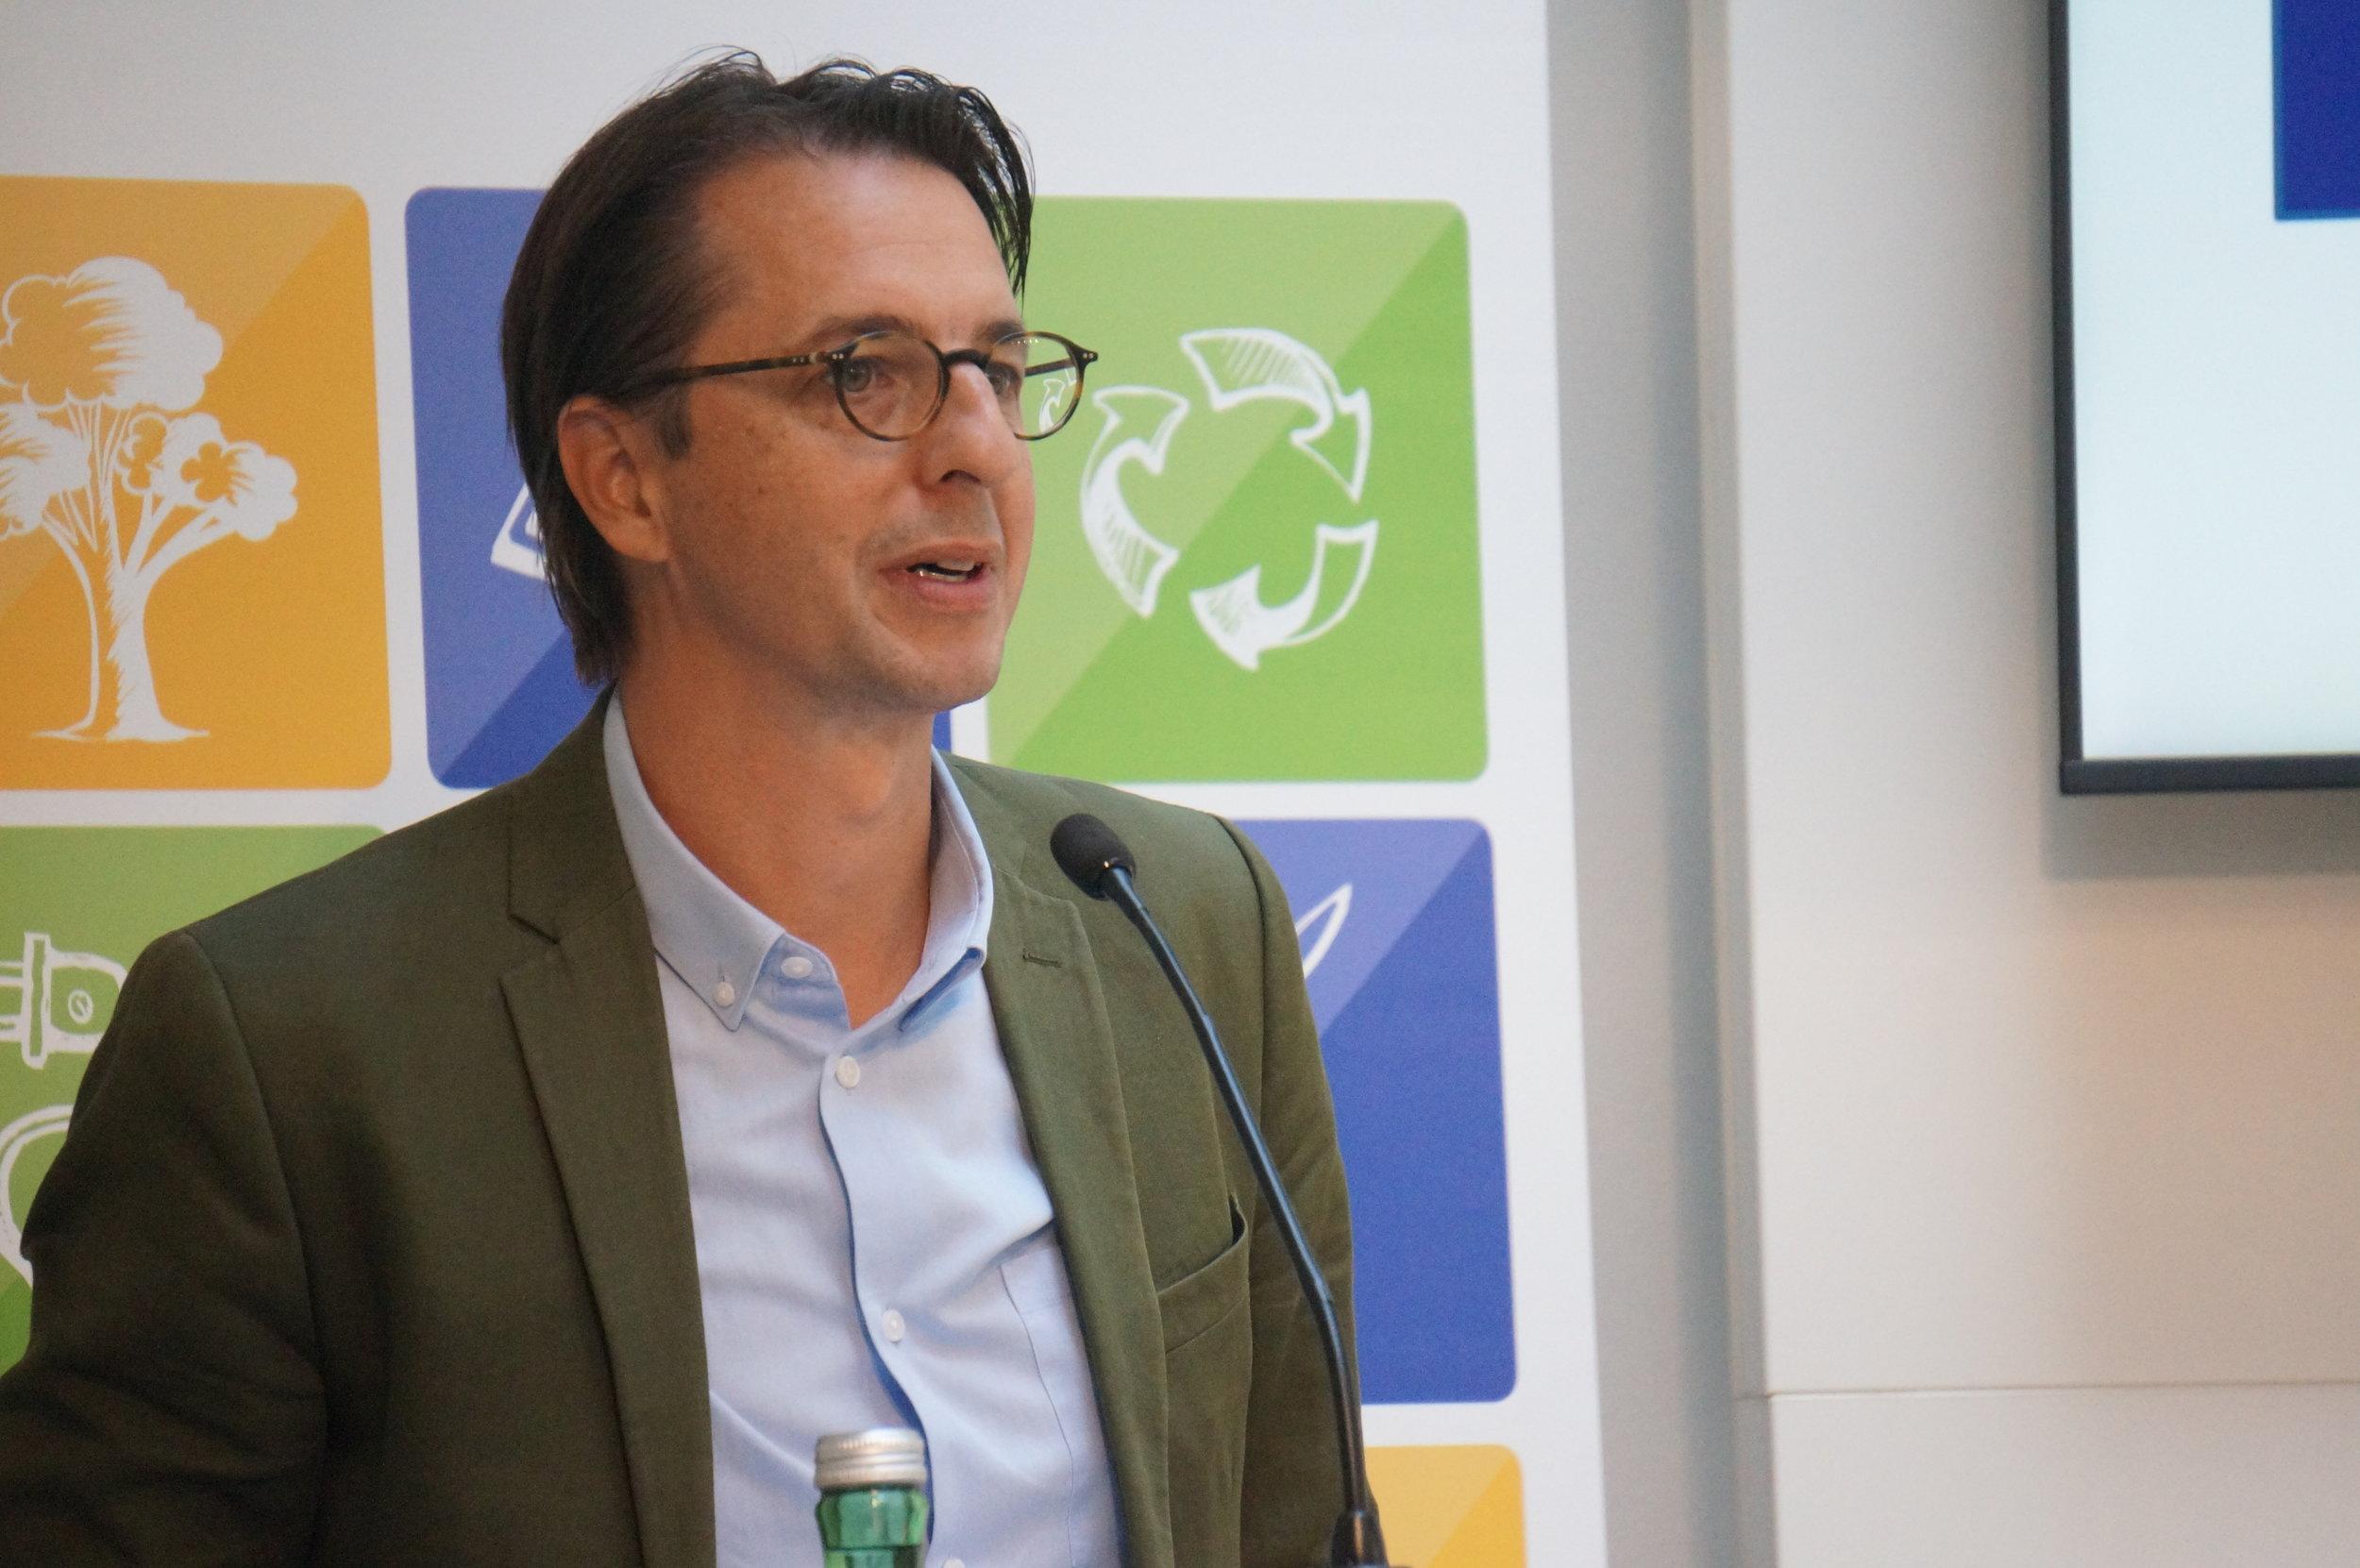 Lukas Stühlinger, oekostrom AG